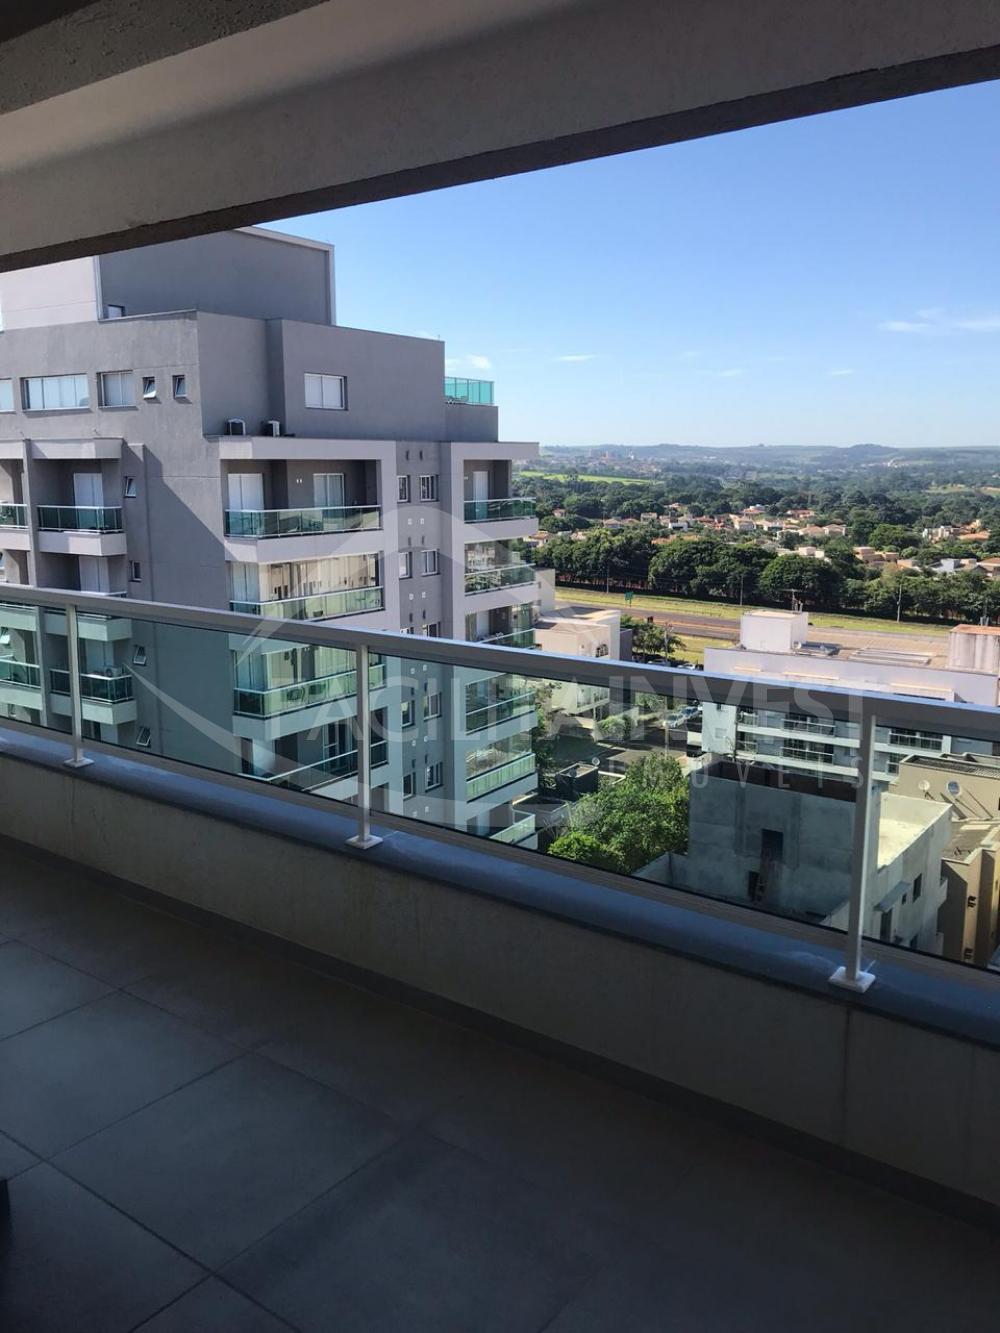 Comprar Apartamentos / Apart. Padrão em Ribeirão Preto apenas R$ 395.000,00 - Foto 1